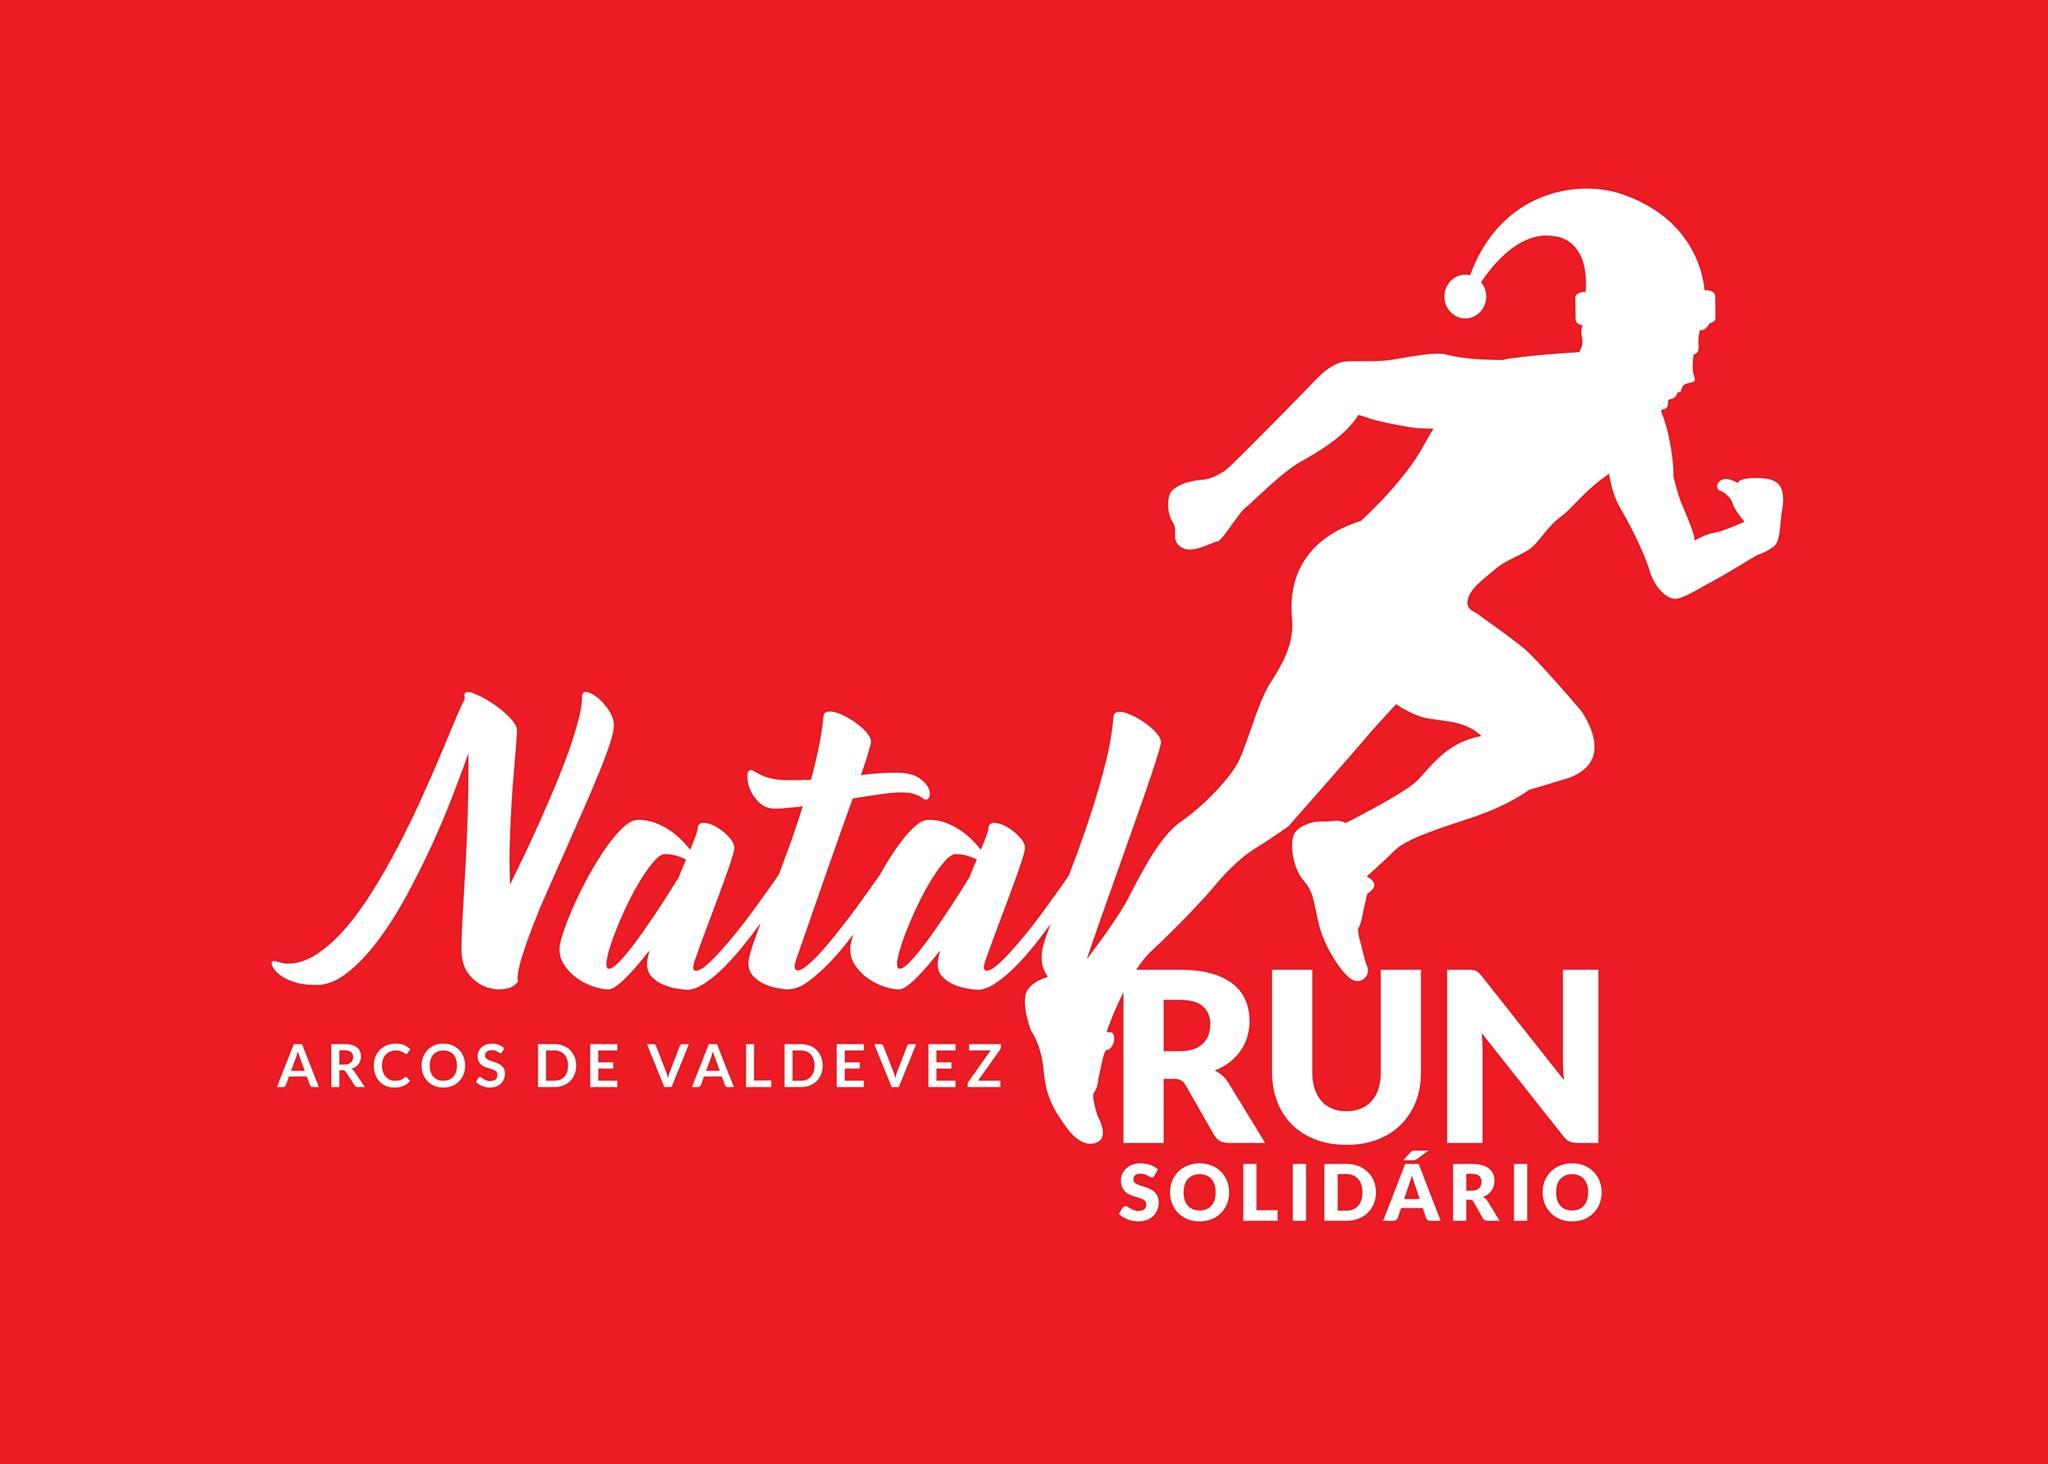 Empresas Em Arcos De Valdevez município de arcos de valdevez / natal run solidário